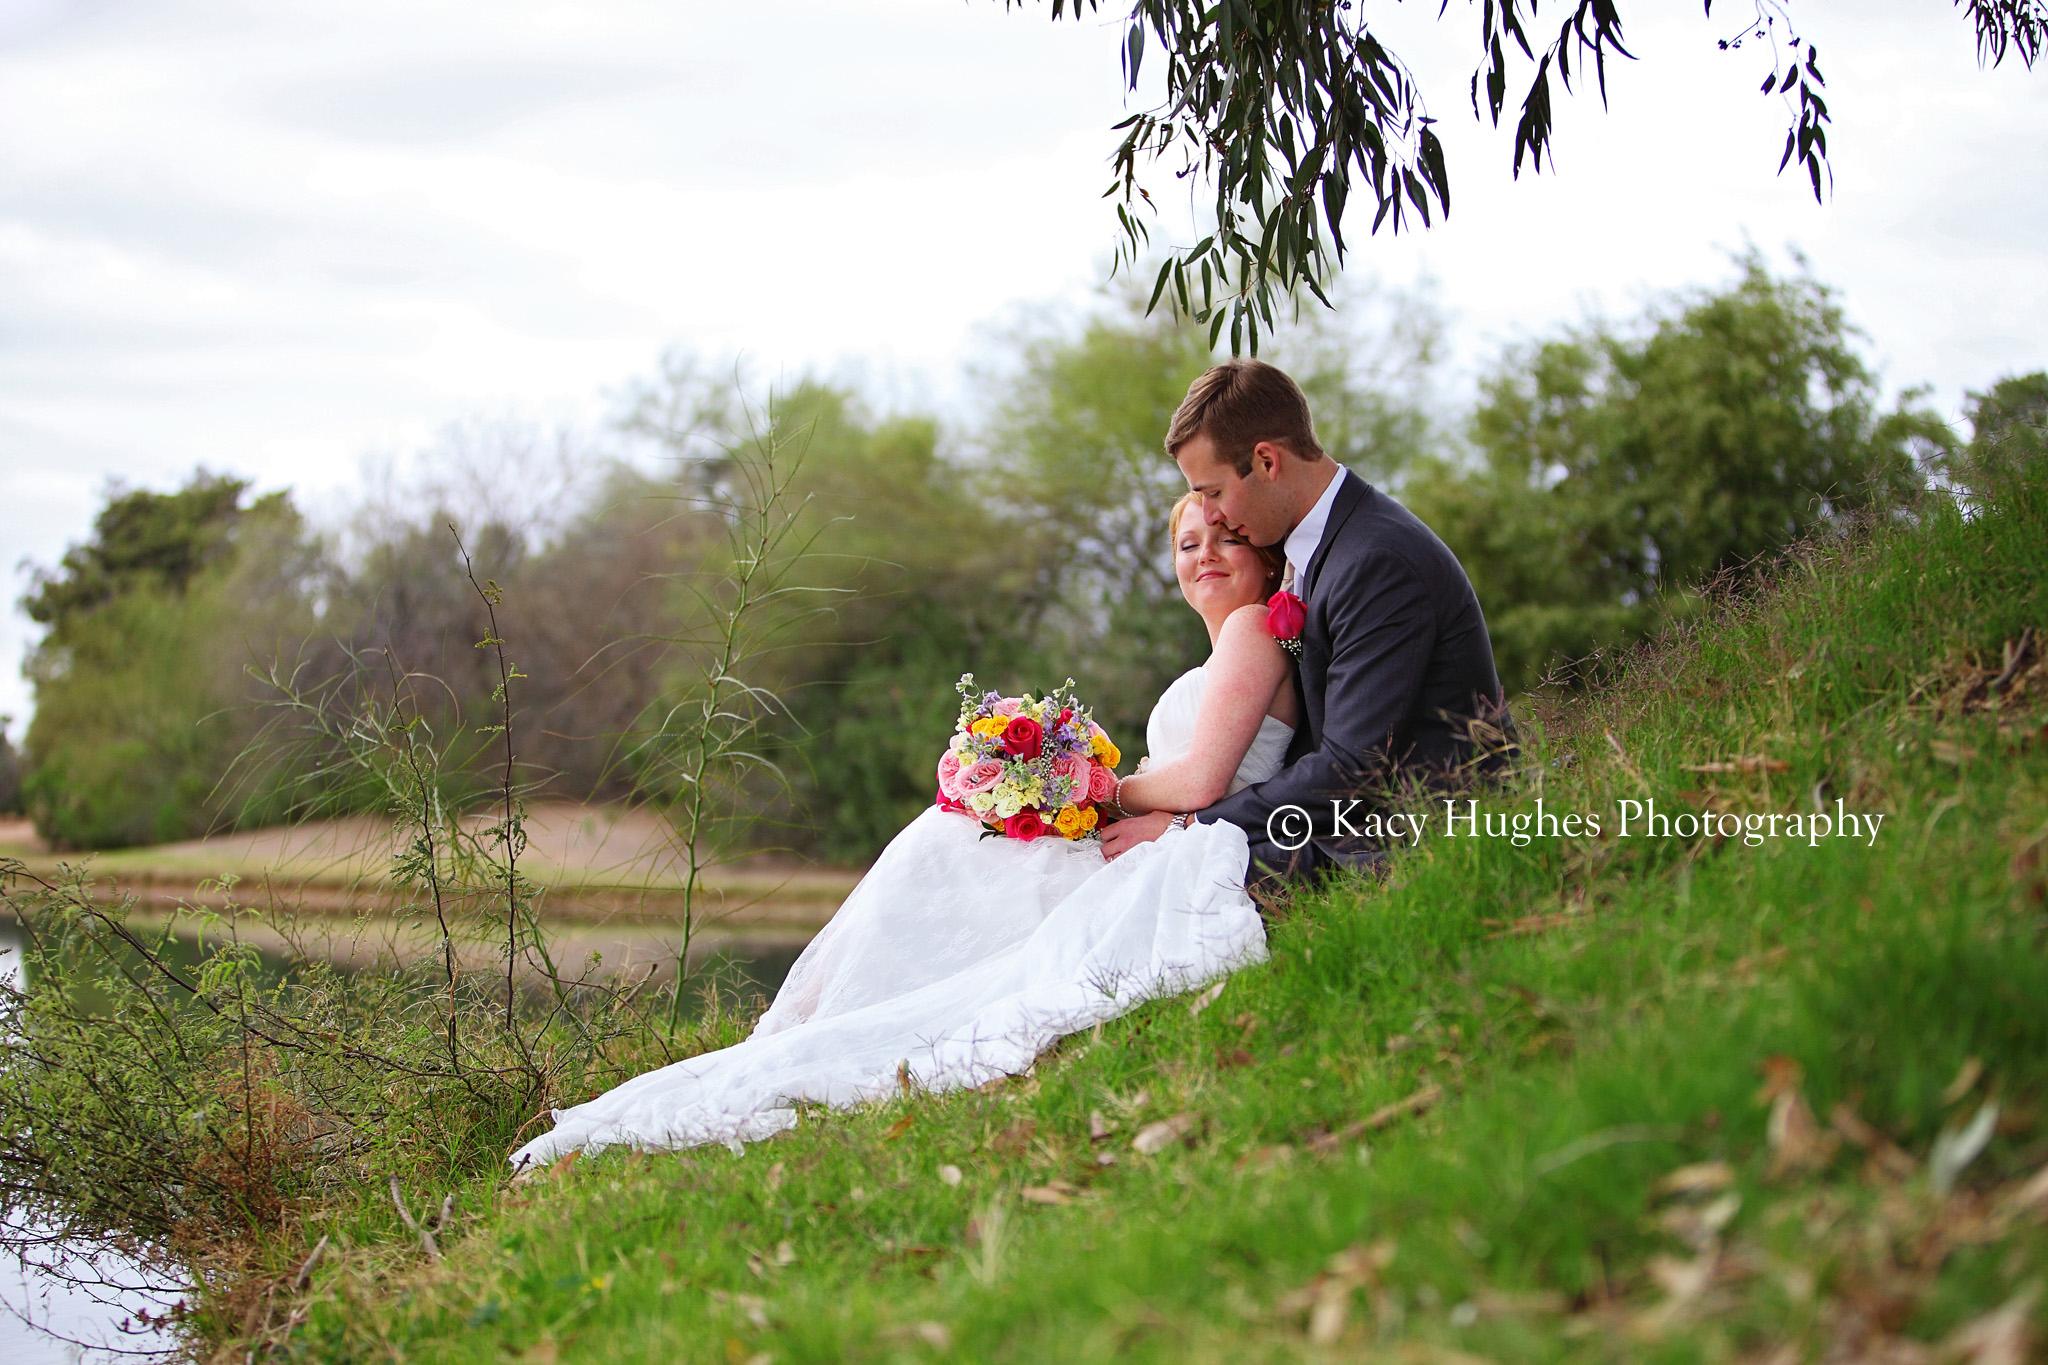 mw0147 - Scottsdale Wedding Photographers